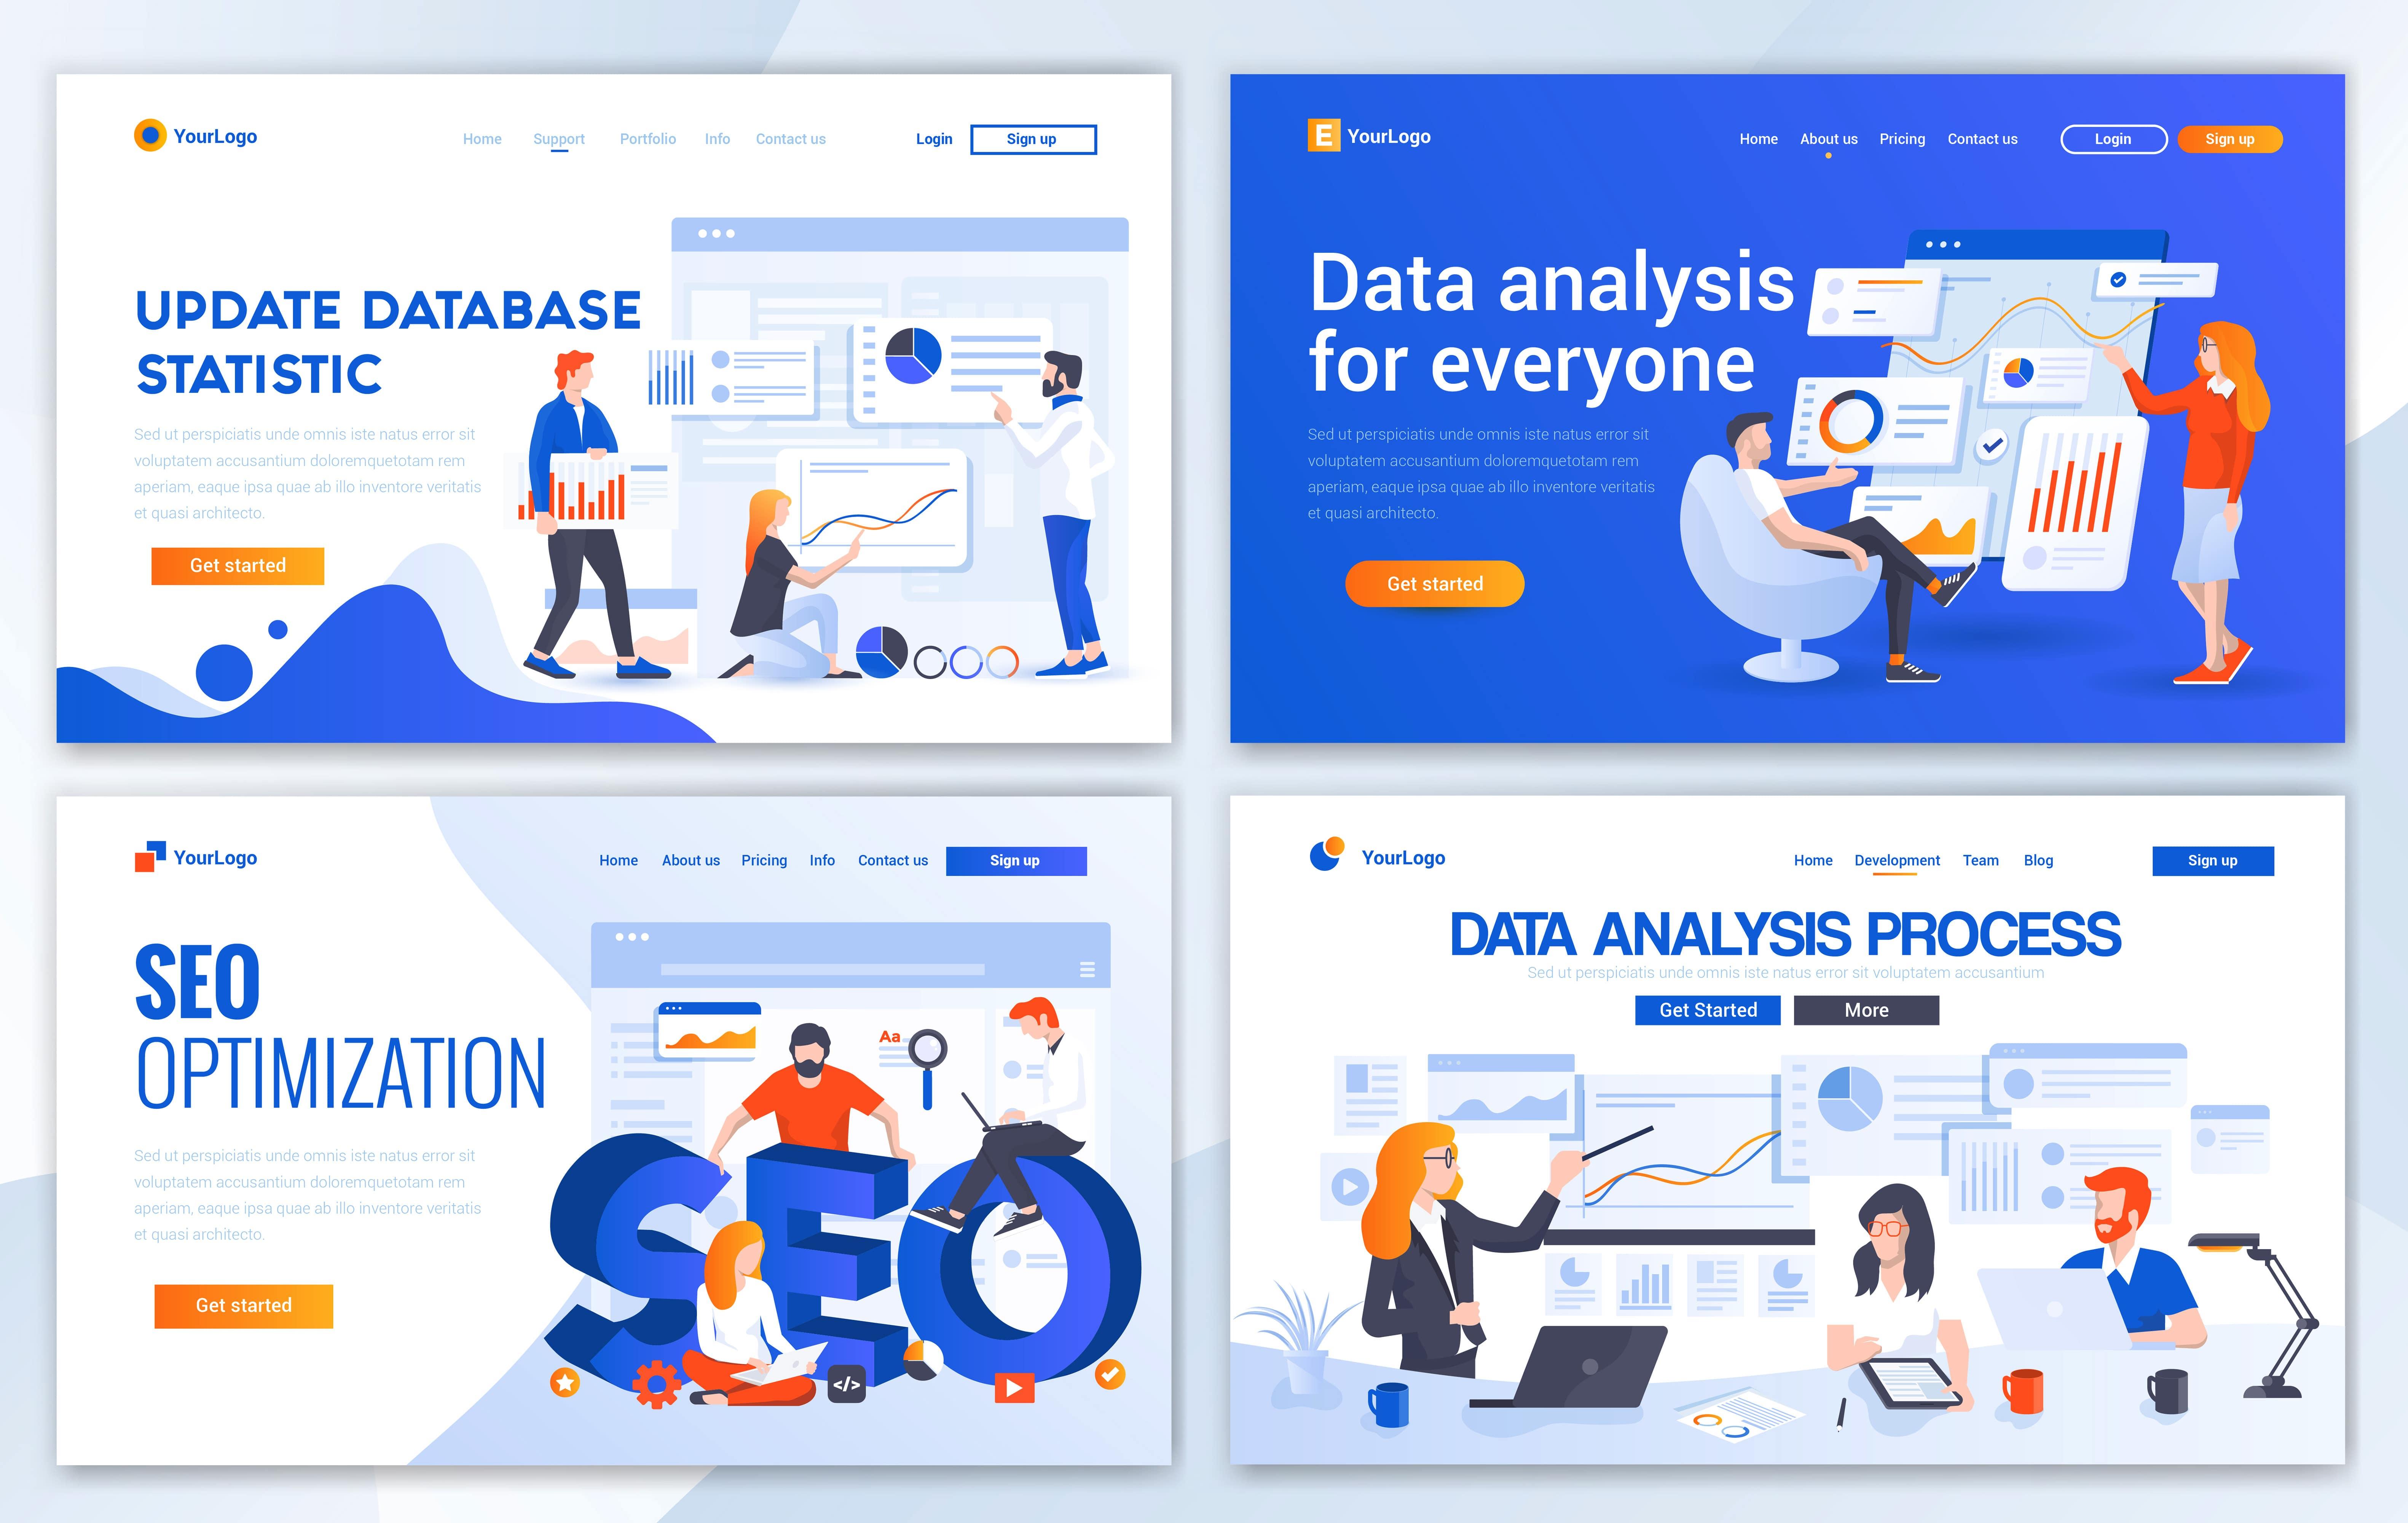 مجموعه الگوهای طراحی وب (تحلیل داده ها)